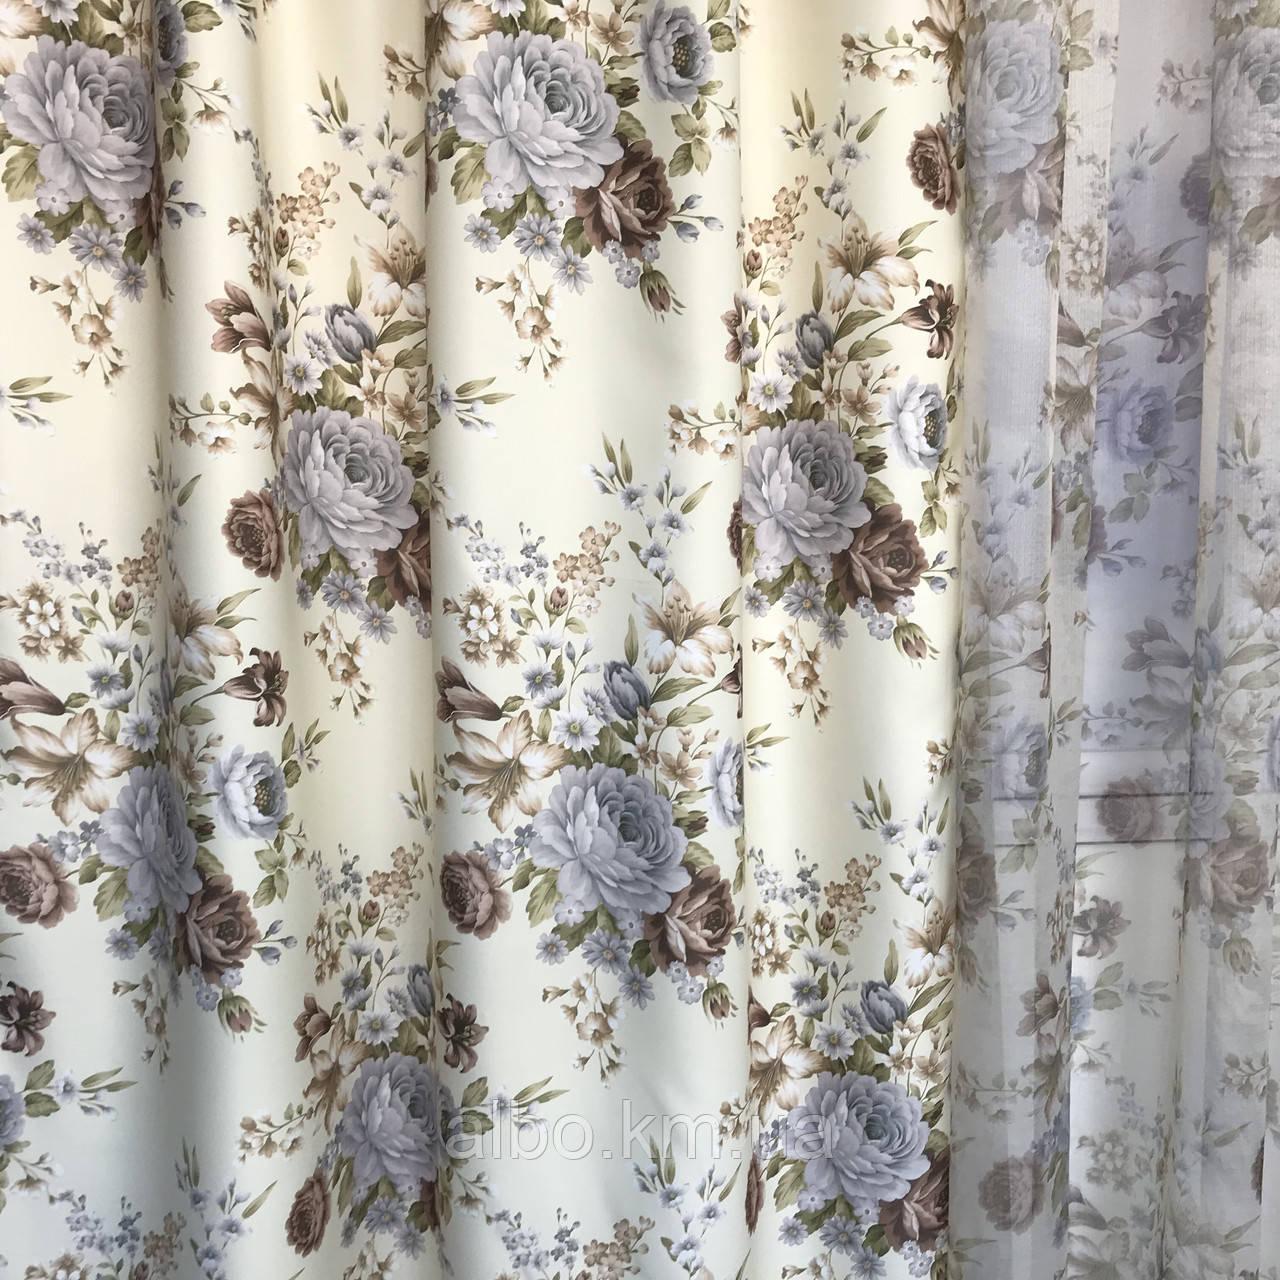 Штори тюль в вітальню кімнату квартиру, штори в стилі прованс для залу спальні кімнати, готові штори для залу спальні вітальні